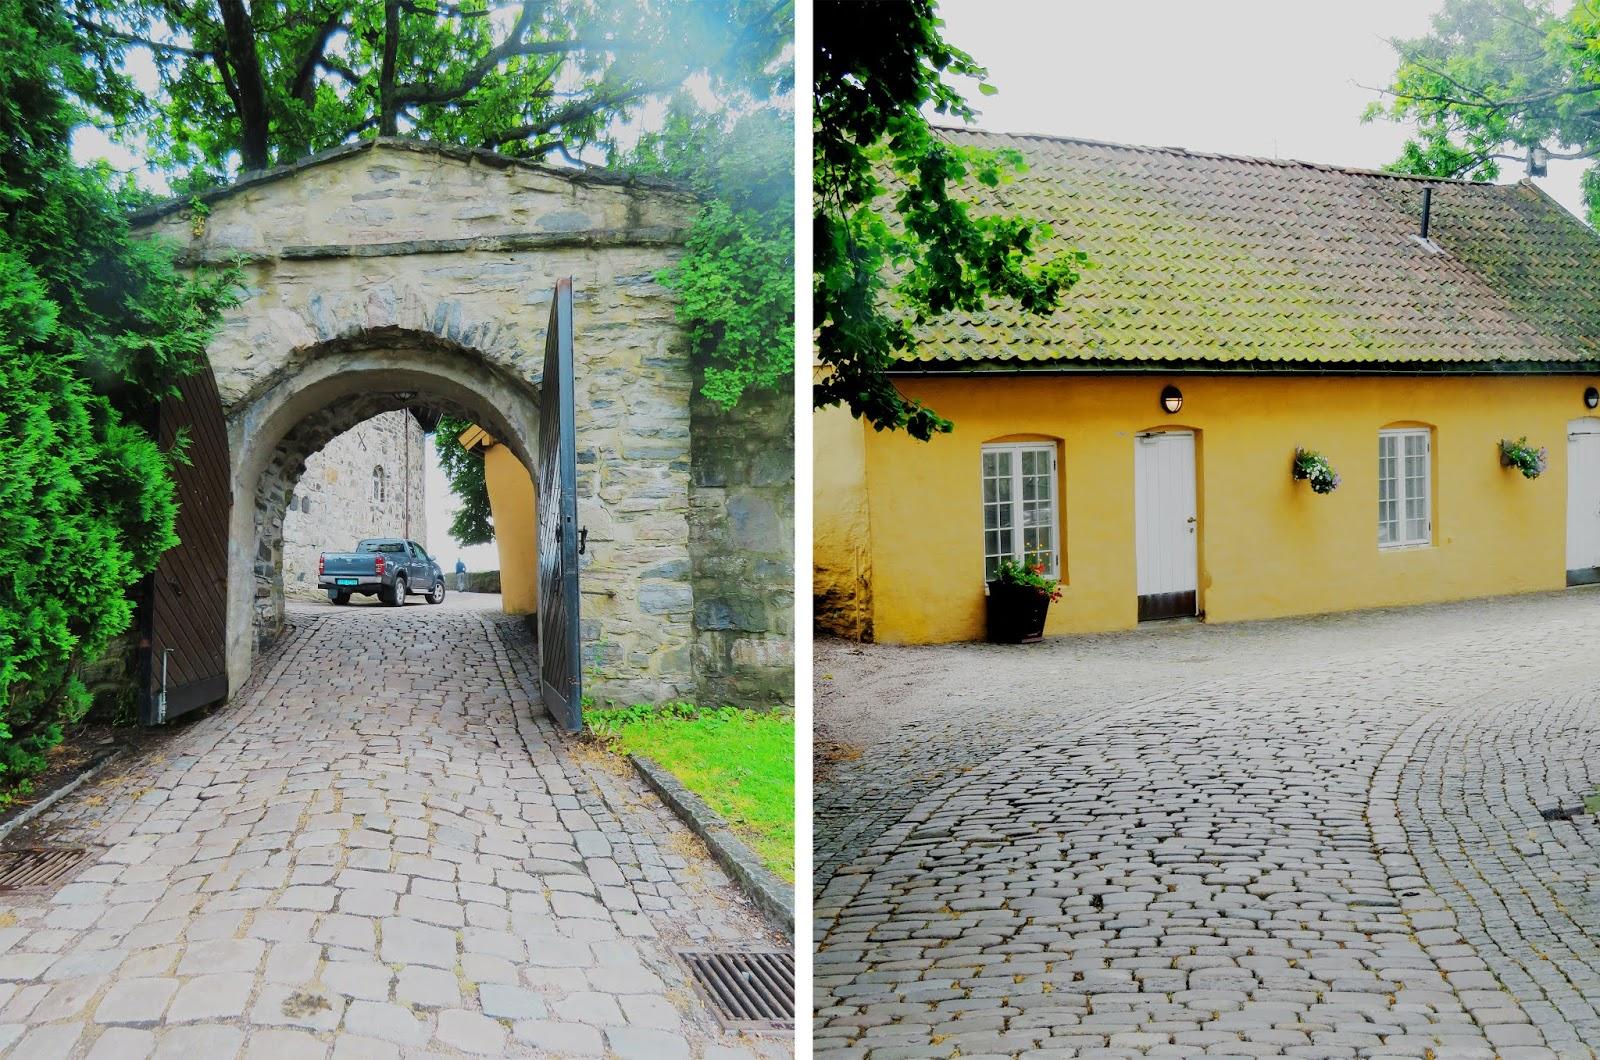 Wejście do Christiansholm, Kristiansand